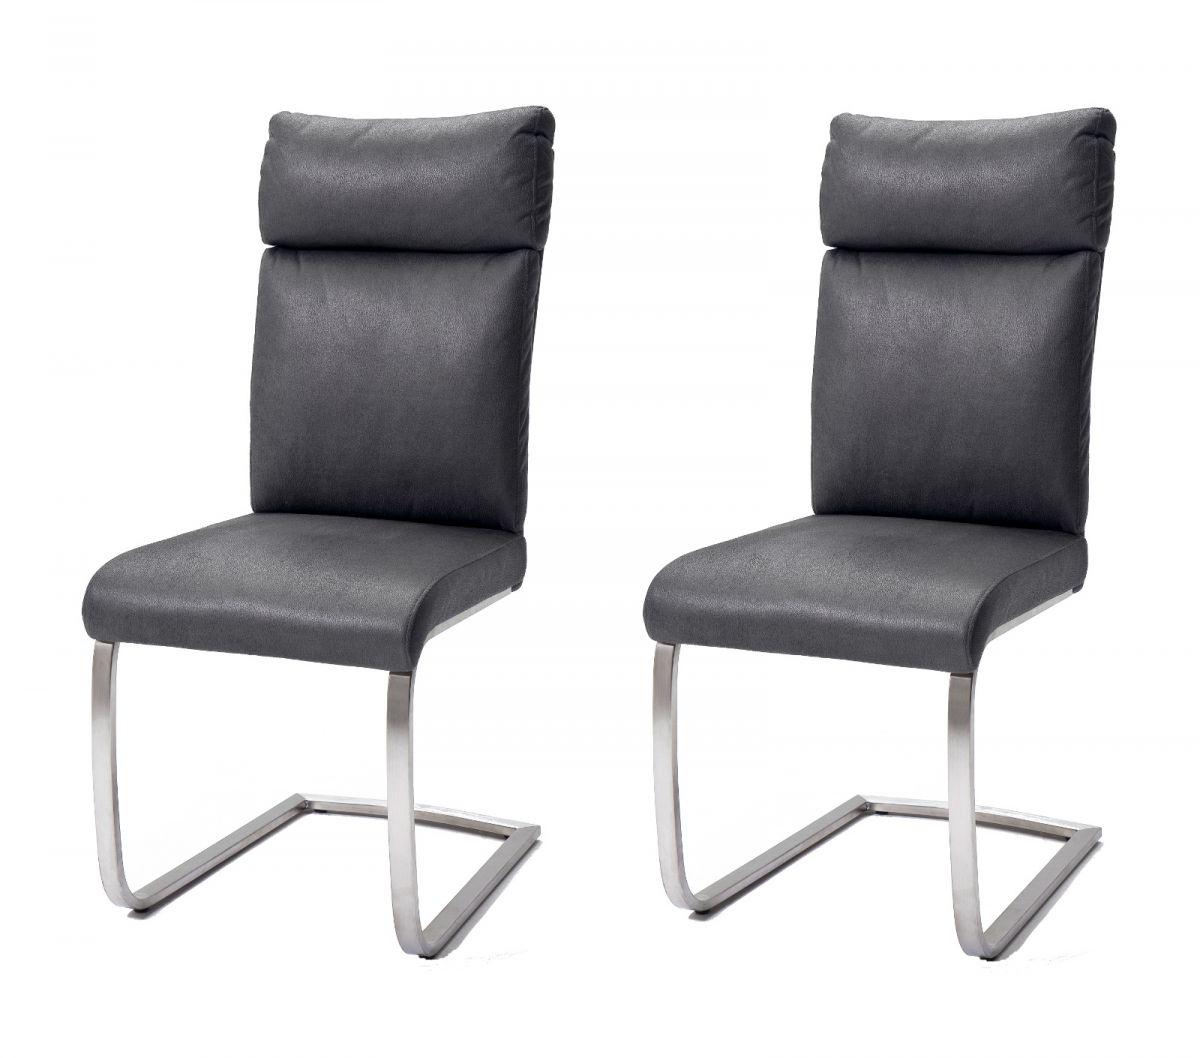 2 x Stuhl Rabea Grau Schwinger